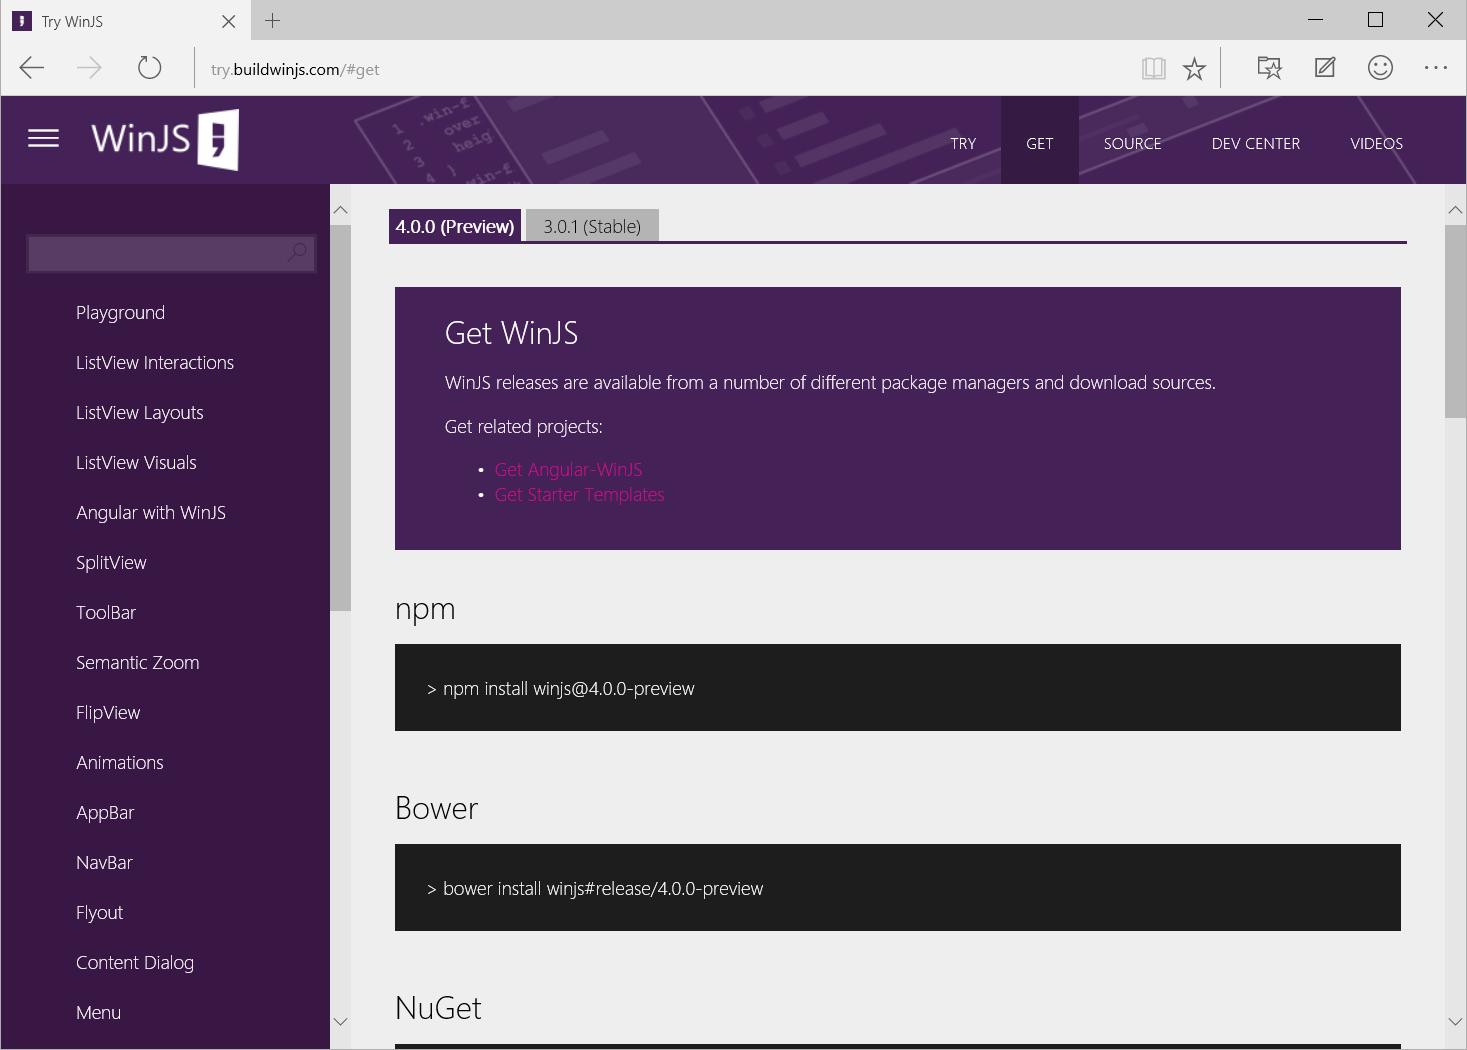 Анонсирована превью-версия WinJS 4.0: универсальный UX, интеграция с AngularJS, обновленный ListView - 1